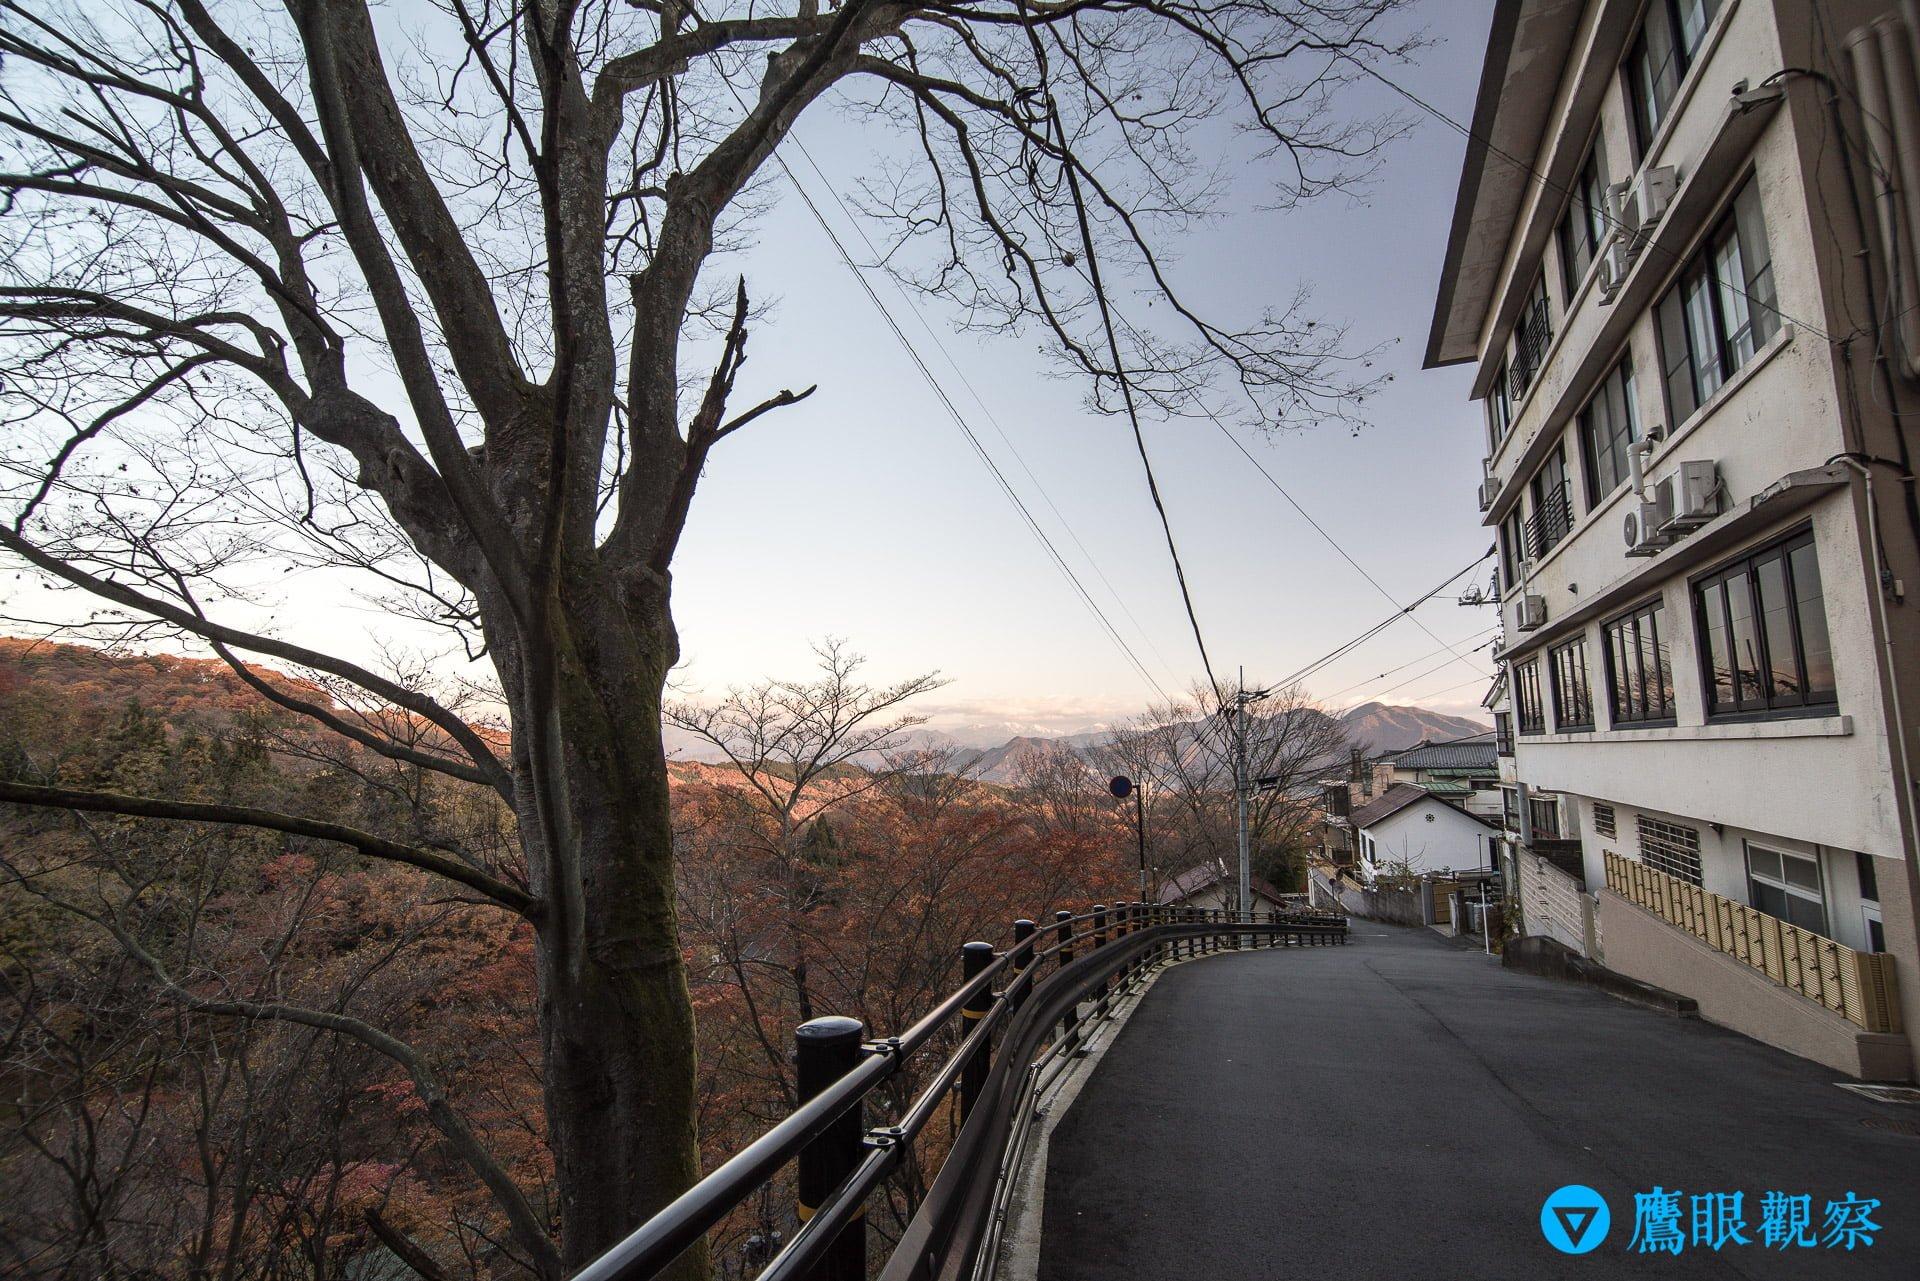 travel Japan gunma kishigon ryokan hotel in izumo spa hot spring 47 群馬縣伊香保溫泉「岸權旅館」日本旅館住宿推薦